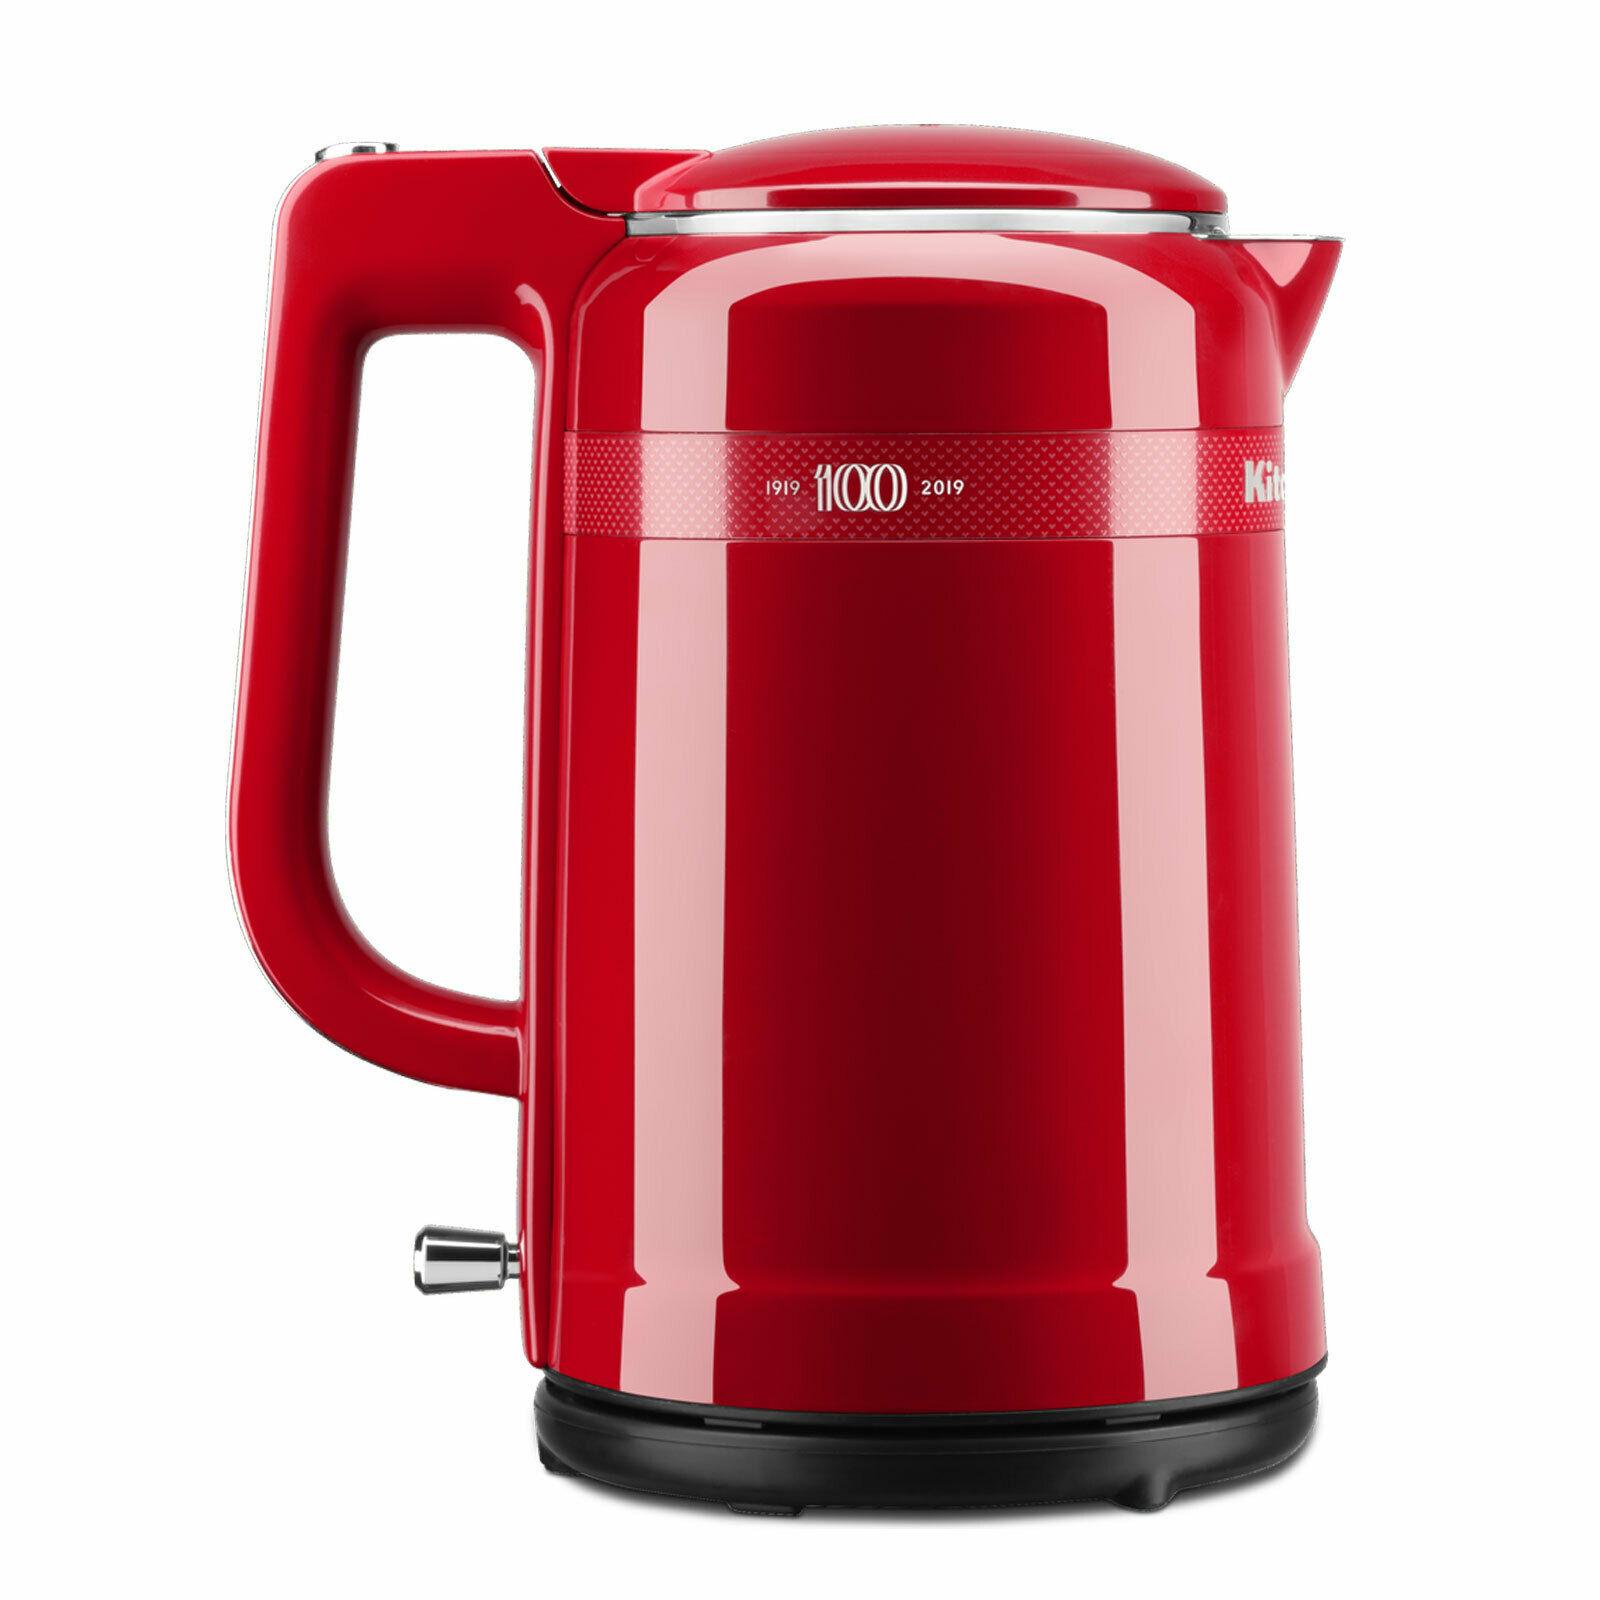 Bild zu 1,5 Liter Wasserkocher KitchenAid 5KEK1565HESD für 71,99€ (Vergleich: 109€)